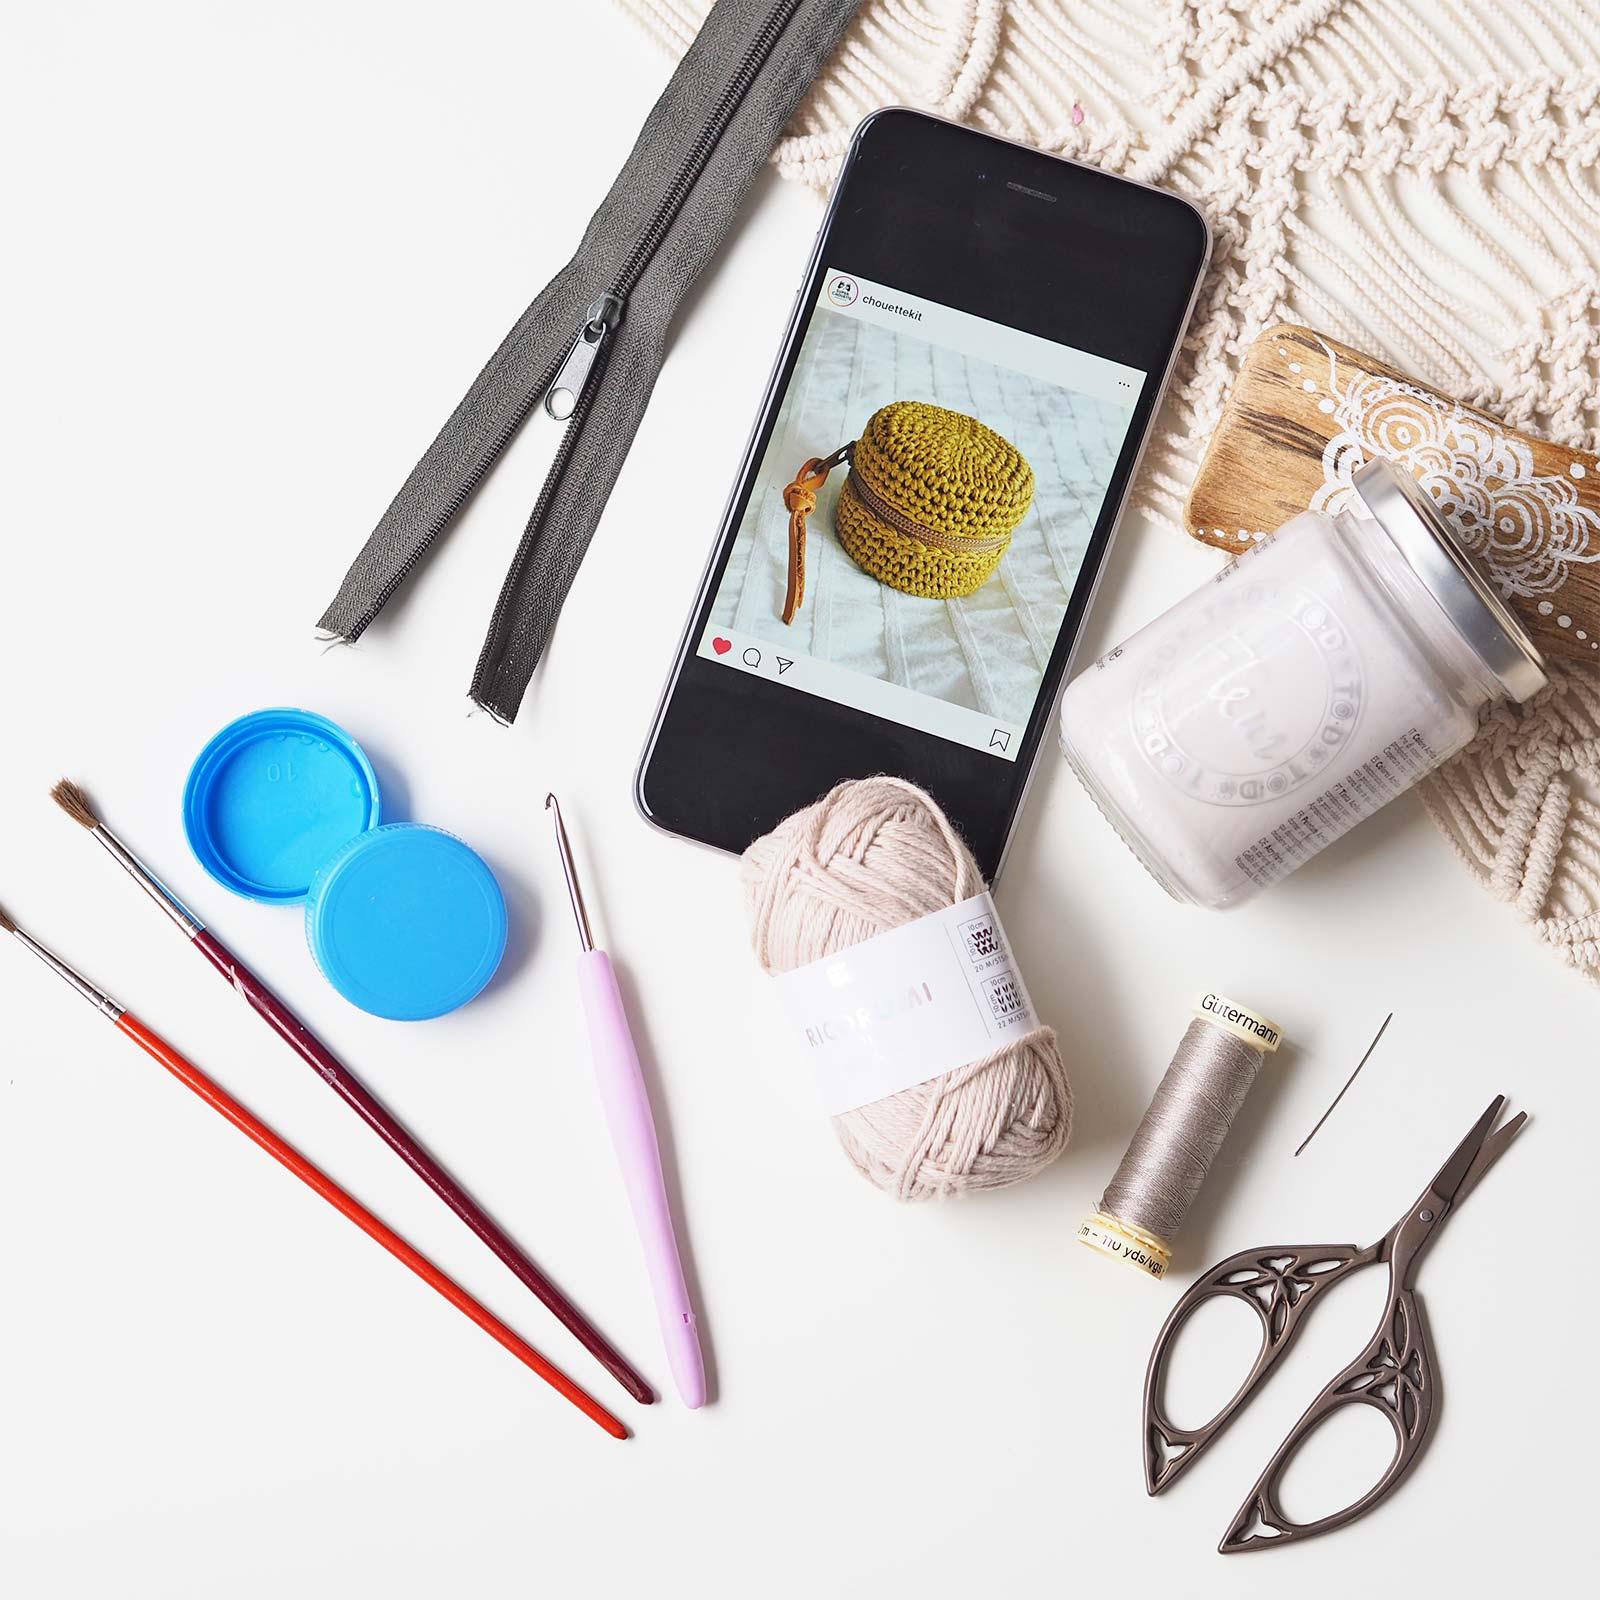 recycling reuse étui boitier crochet chouettekit Boutique MeliMelo